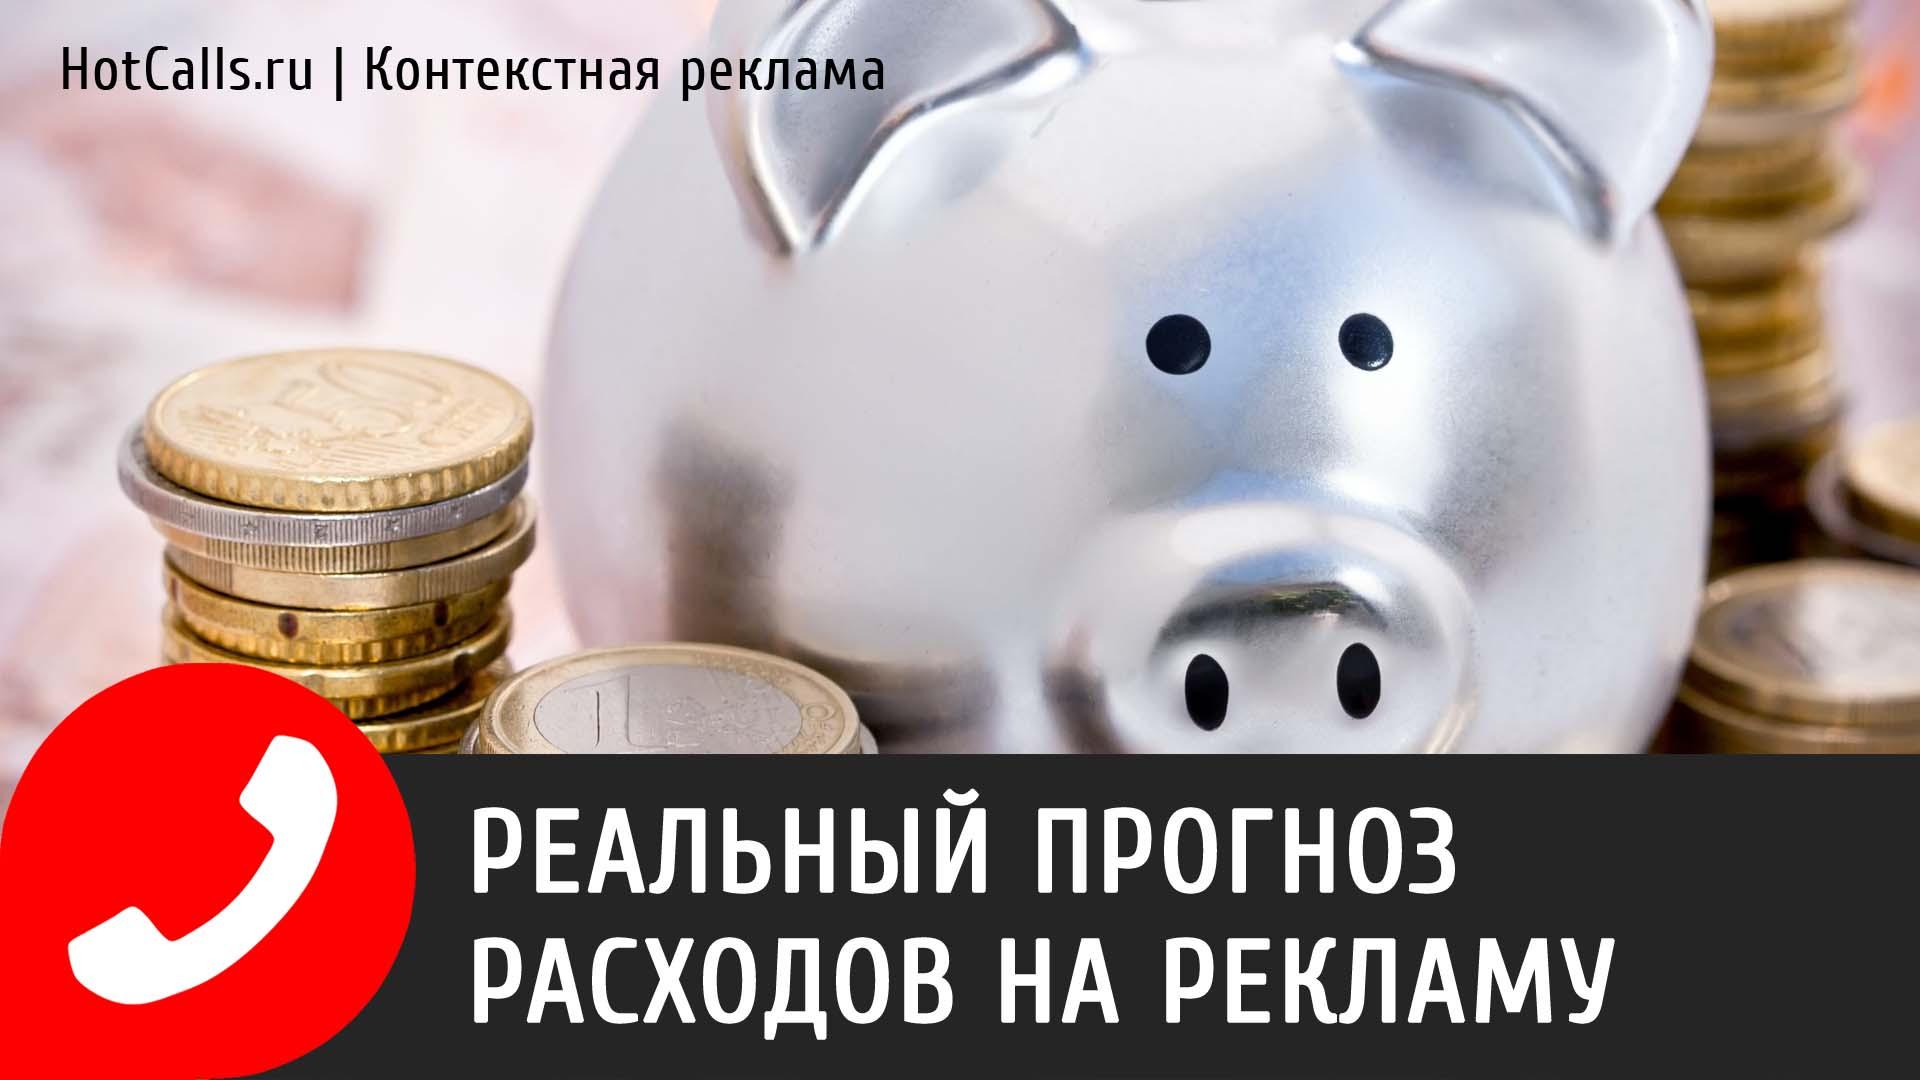 Прогноз бюджета контекстной рекламы Яндекс Директ